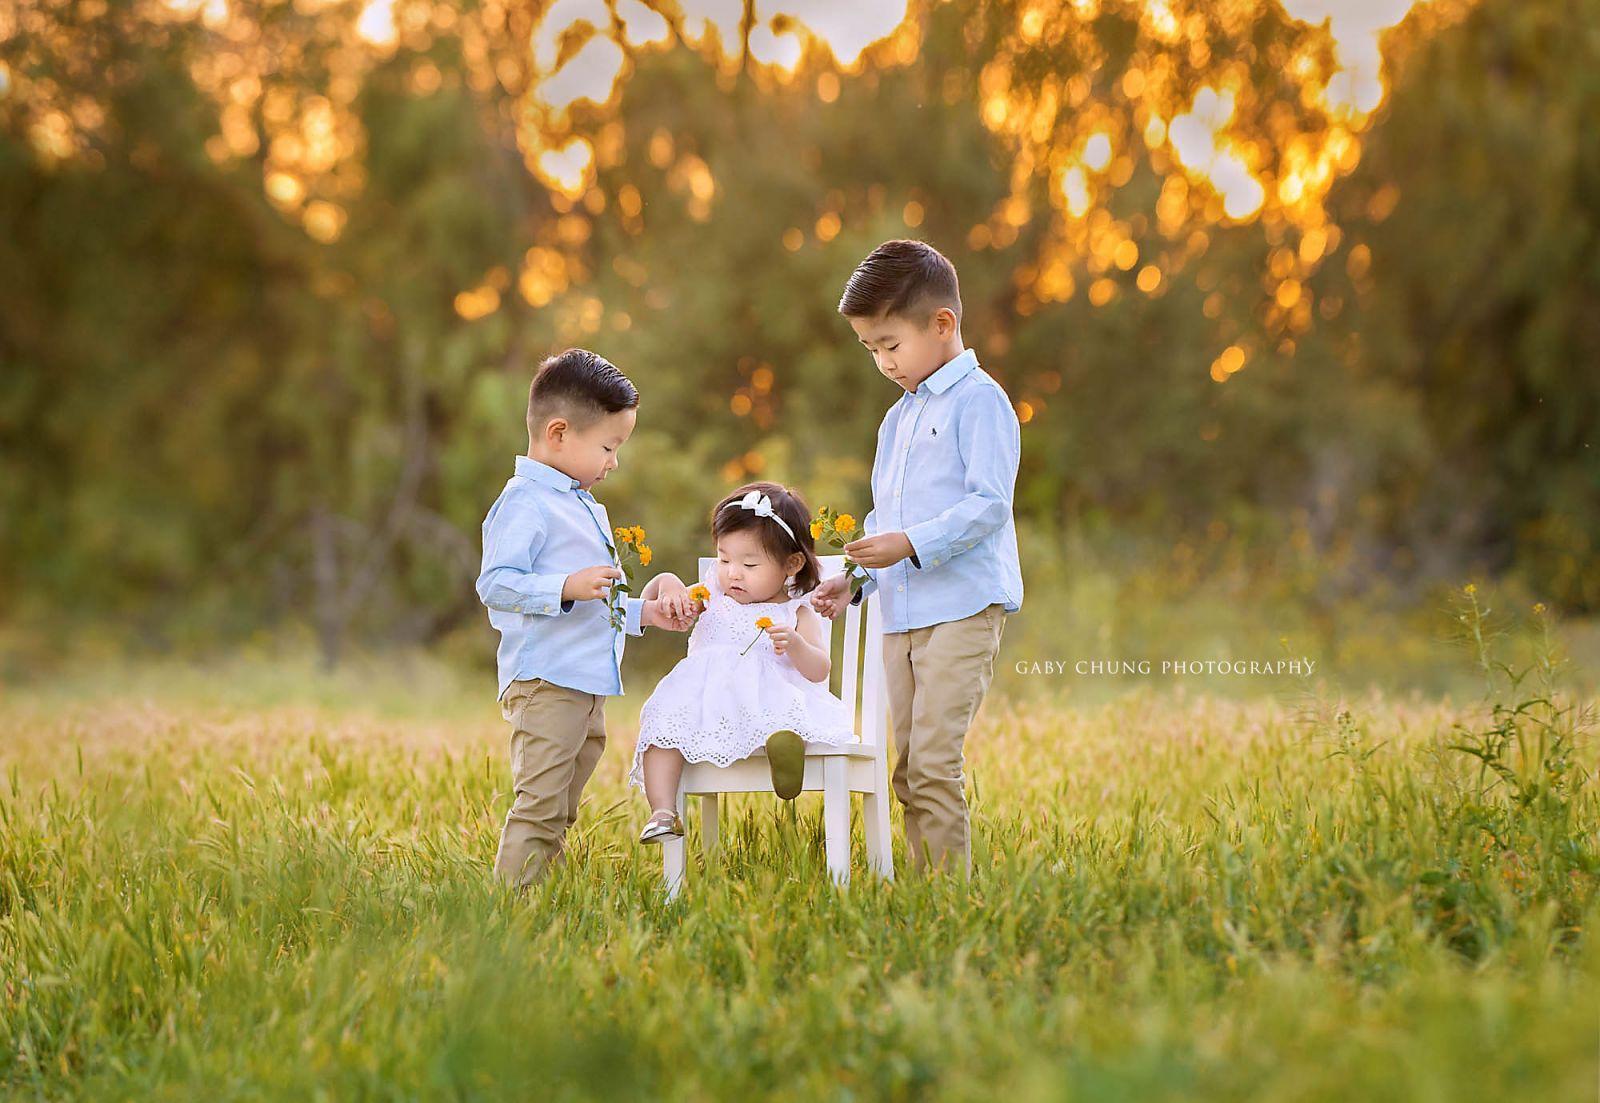 Pasadena child photographer